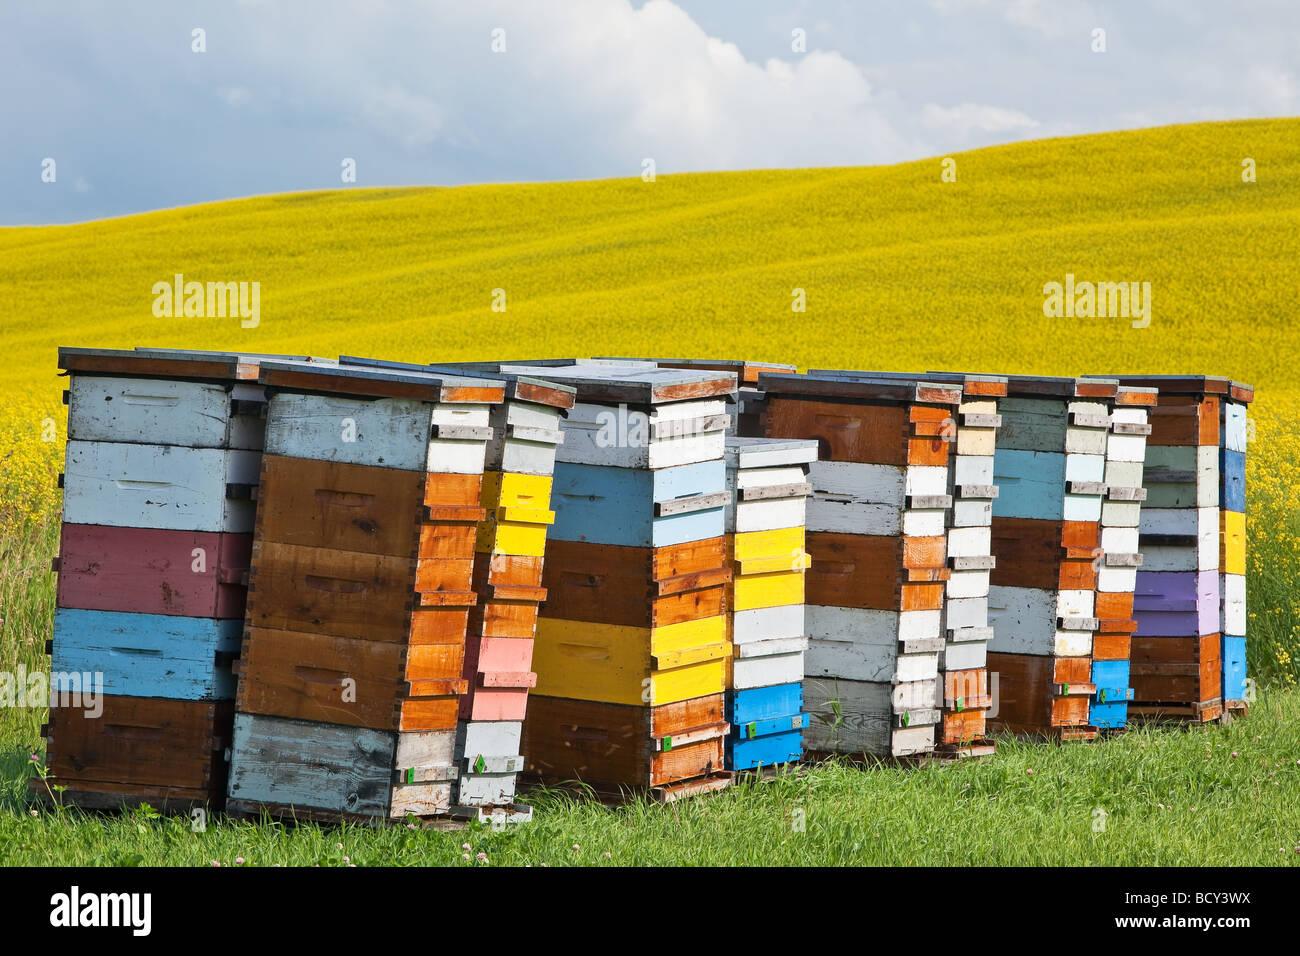 Honig-Bienenstöcke im farbigen Bienenstock-Boxen, Raps Feldfrucht im Hintergrund.  Pembina Valley, Manitoba, Stockbild